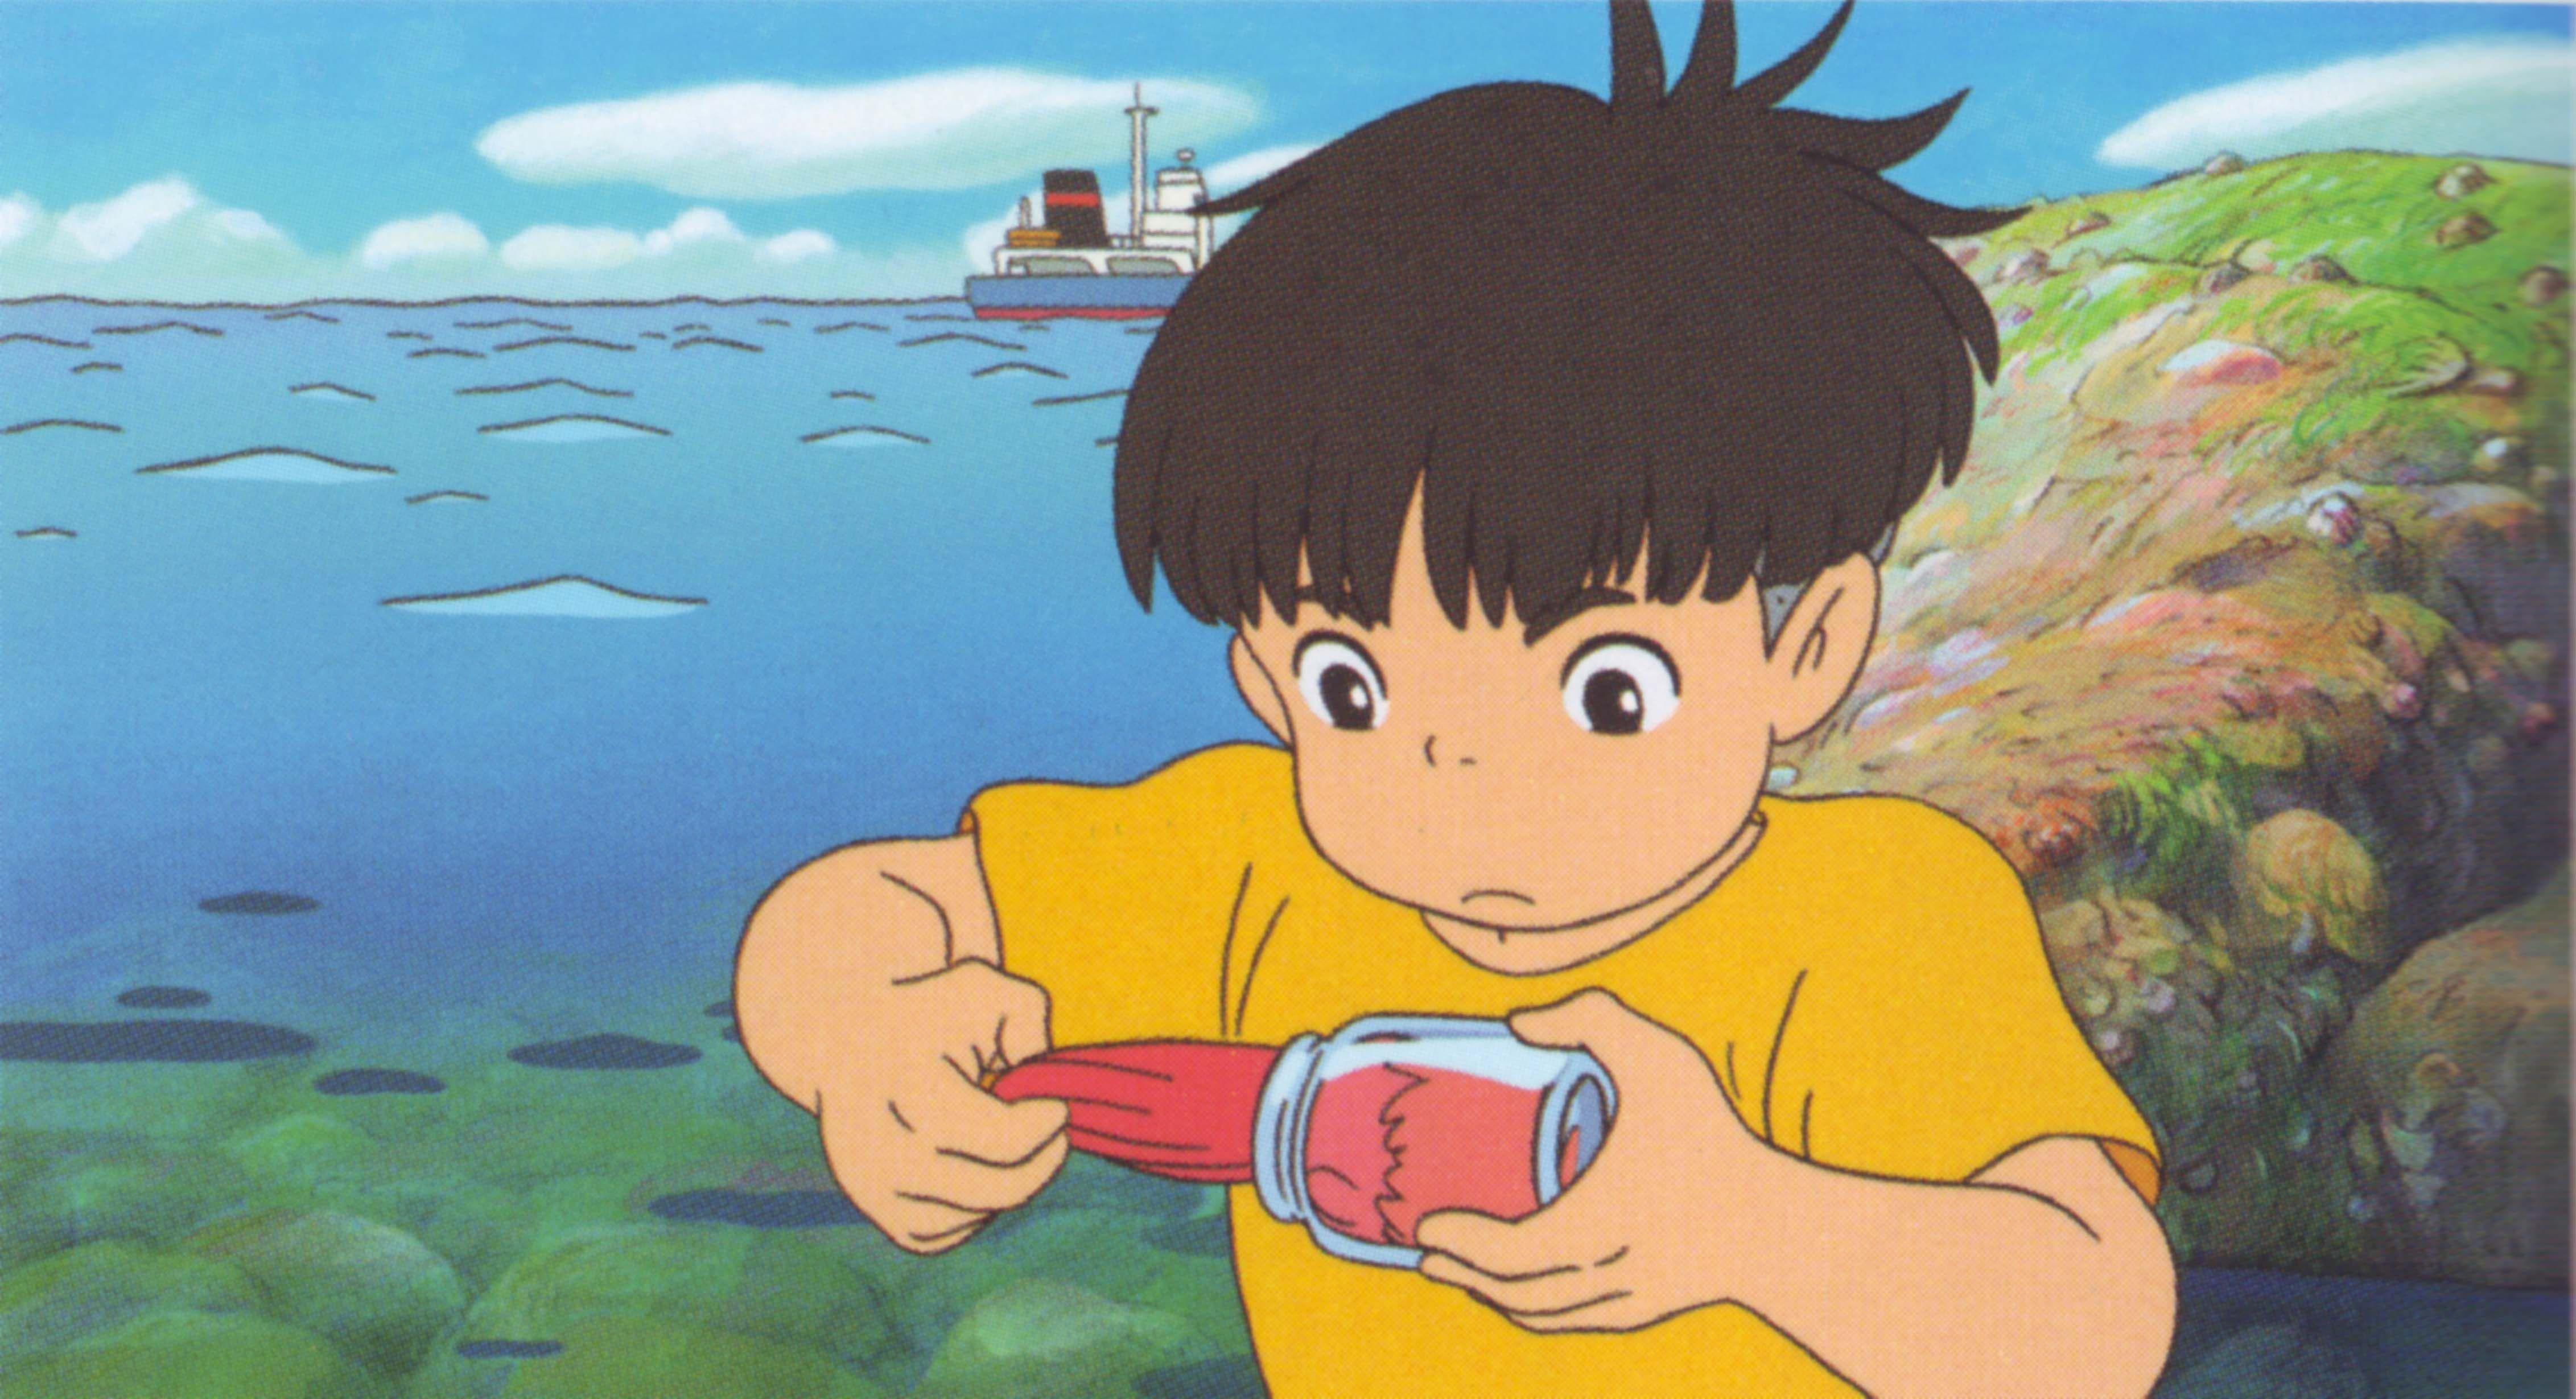 Download Gake no Ue no Ponyo Ponyo94 (4527x2458) Minitokyo